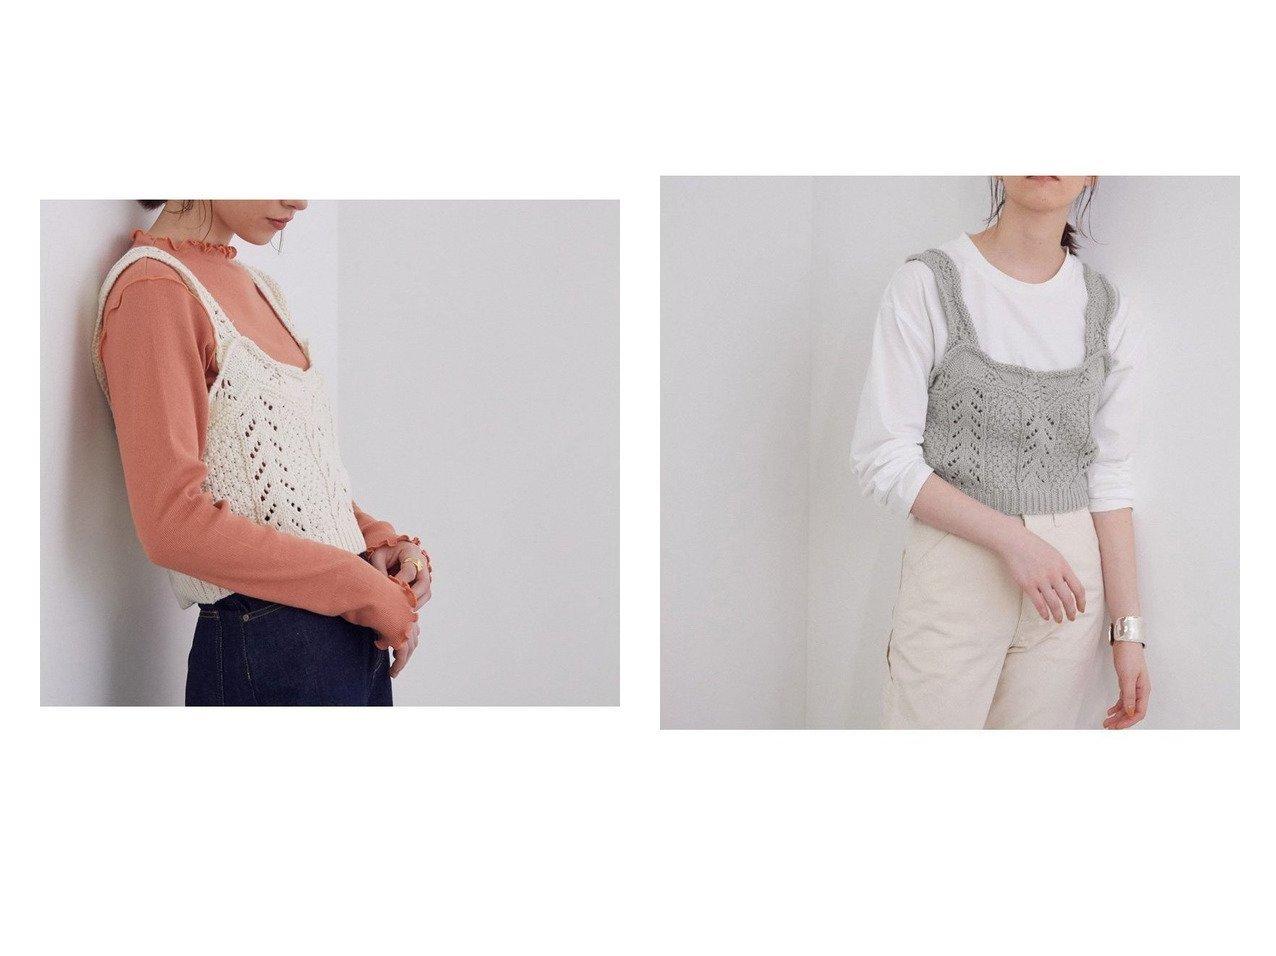 【ROPE' mademoiselle/ロペ マドモアゼル】の【セット対応】スプリングケーブル編みニットビスチェ ROPEのおすすめ!人気、トレンド・レディースファッションの通販 おすすめで人気の流行・トレンド、ファッションの通販商品 メンズファッション・キッズファッション・インテリア・家具・レディースファッション・服の通販 founy(ファニー) https://founy.com/ ファッション Fashion レディースファッション WOMEN トップス Tops Tshirt ニット Knit Tops カットソー Cut and Sewn ビスチェ Bustier アクリル アンサンブル カットソー カーディガン シンプル スタンダード スプリング バランス フェミニン ボトム ポケット マキシ |ID:crp329100000019142